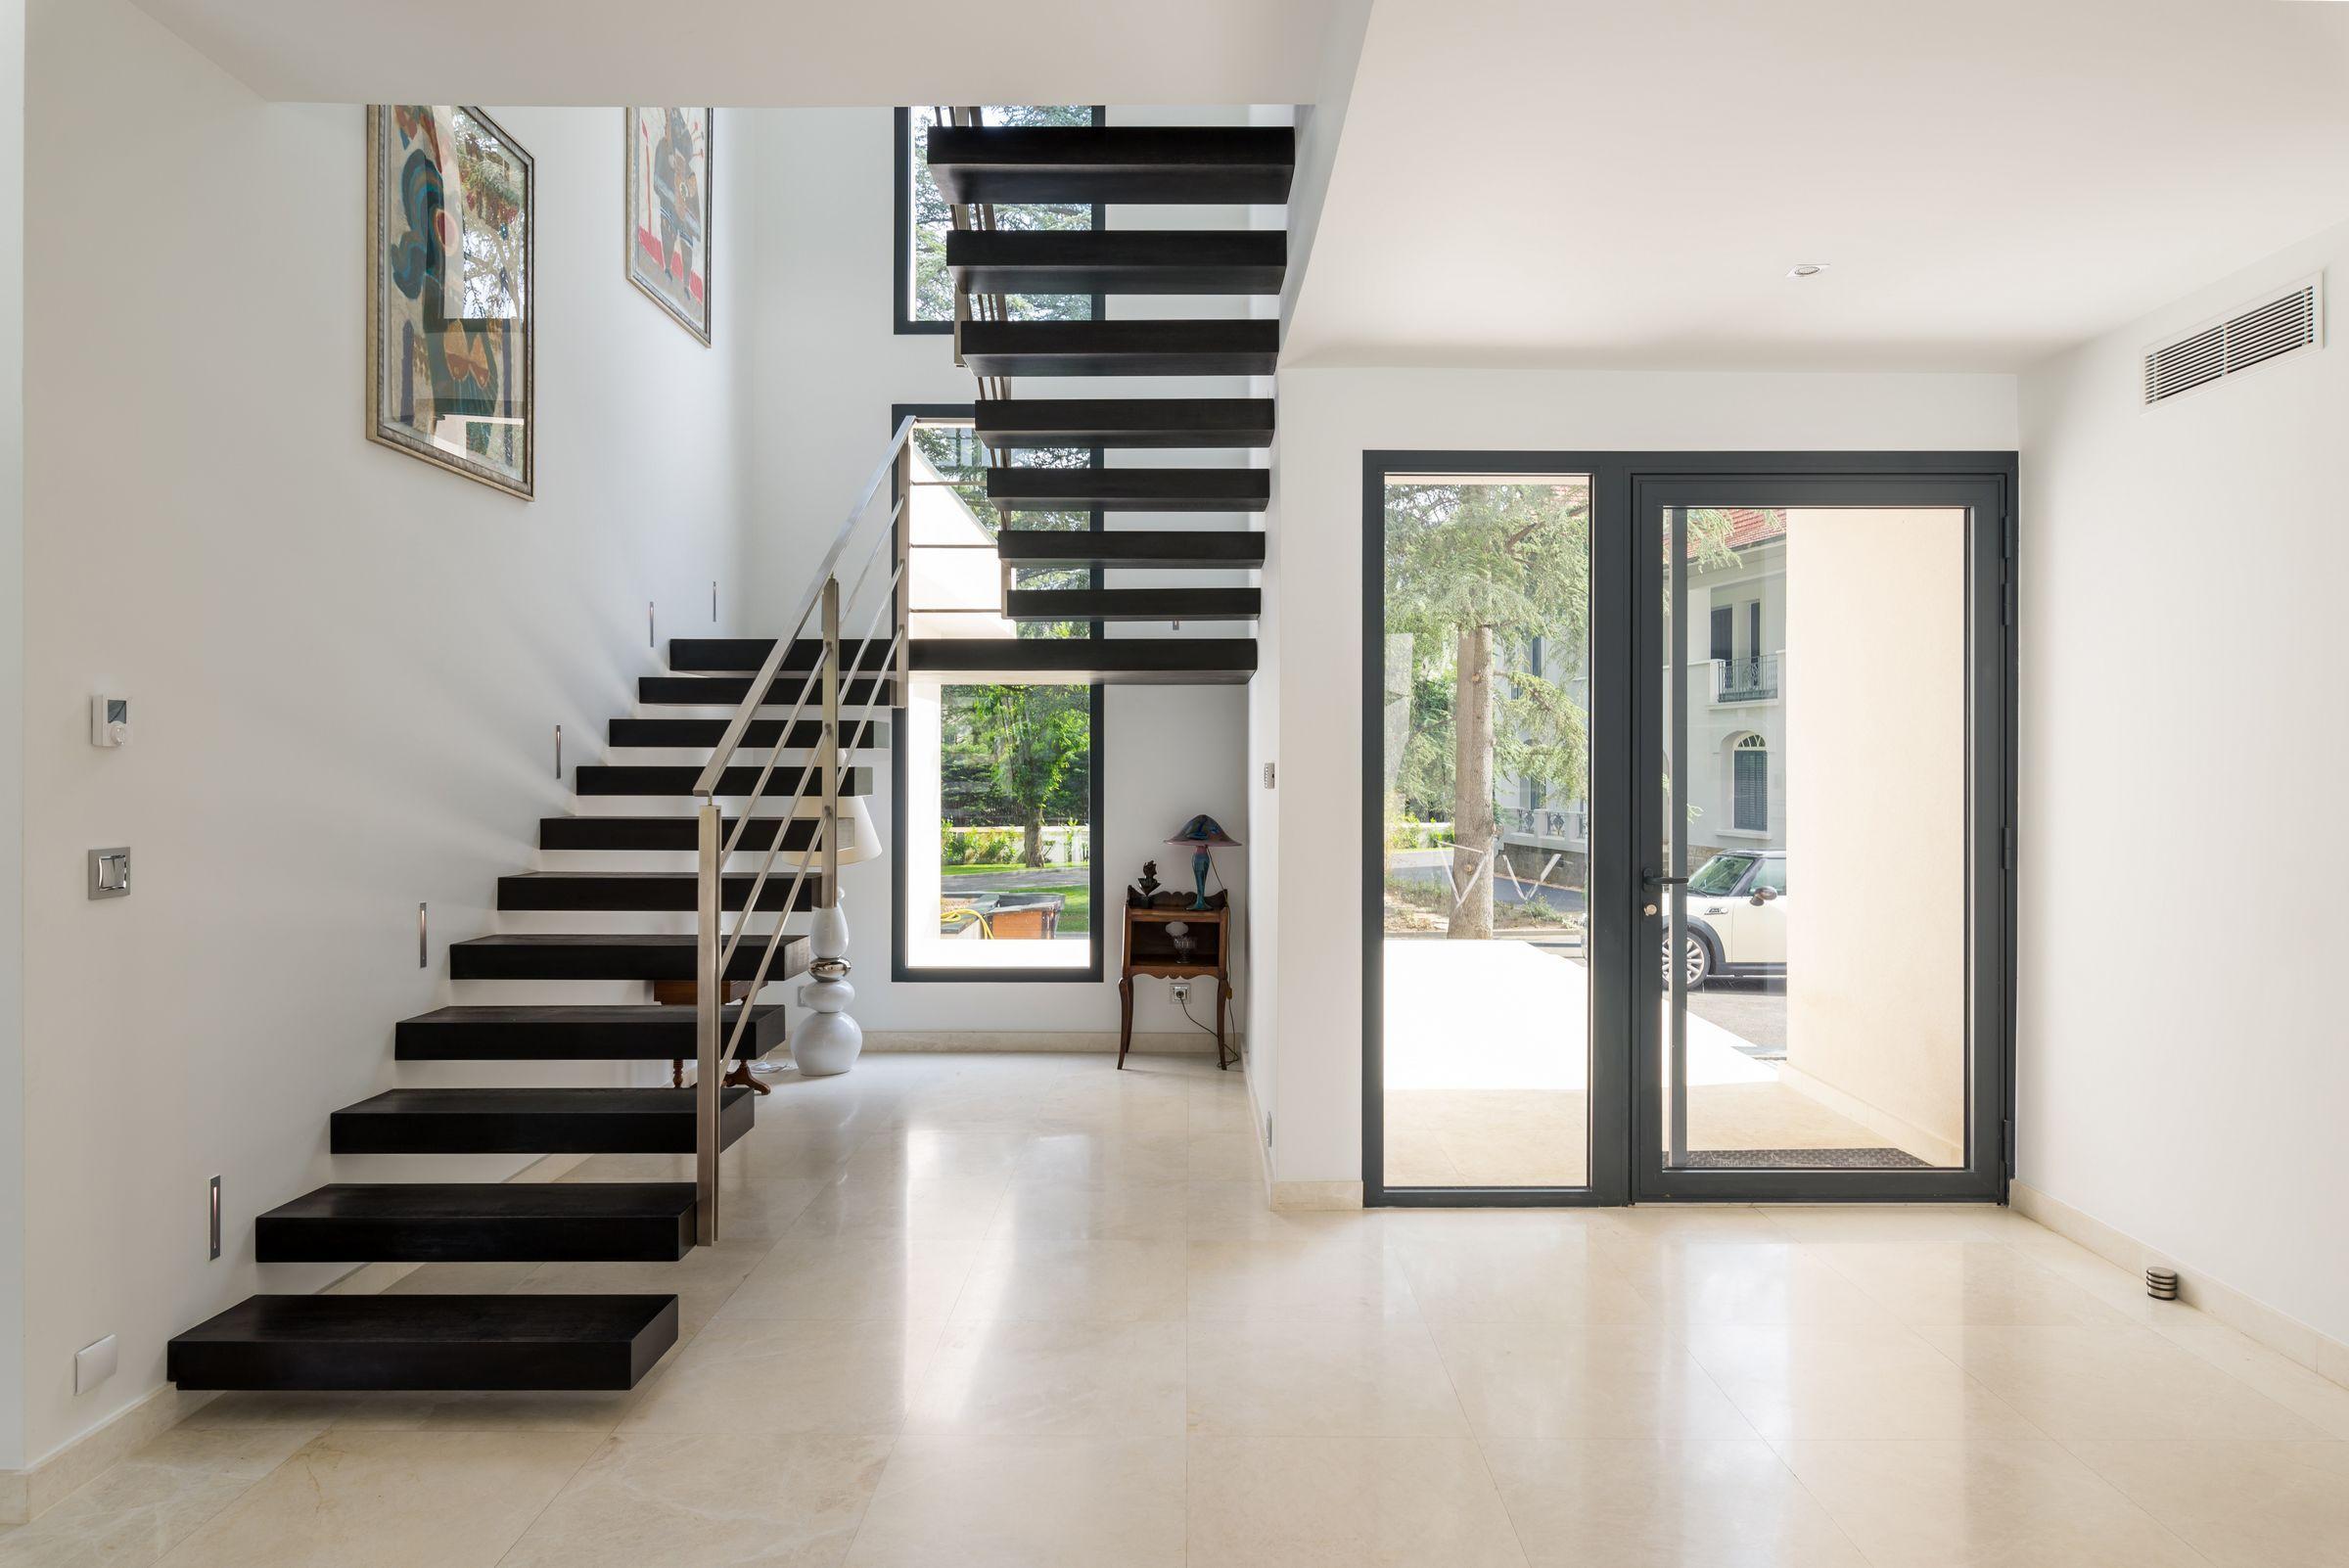 double escalier pur dans une villa saint etienne par l 39 architecte d 39 int rieur laura. Black Bedroom Furniture Sets. Home Design Ideas